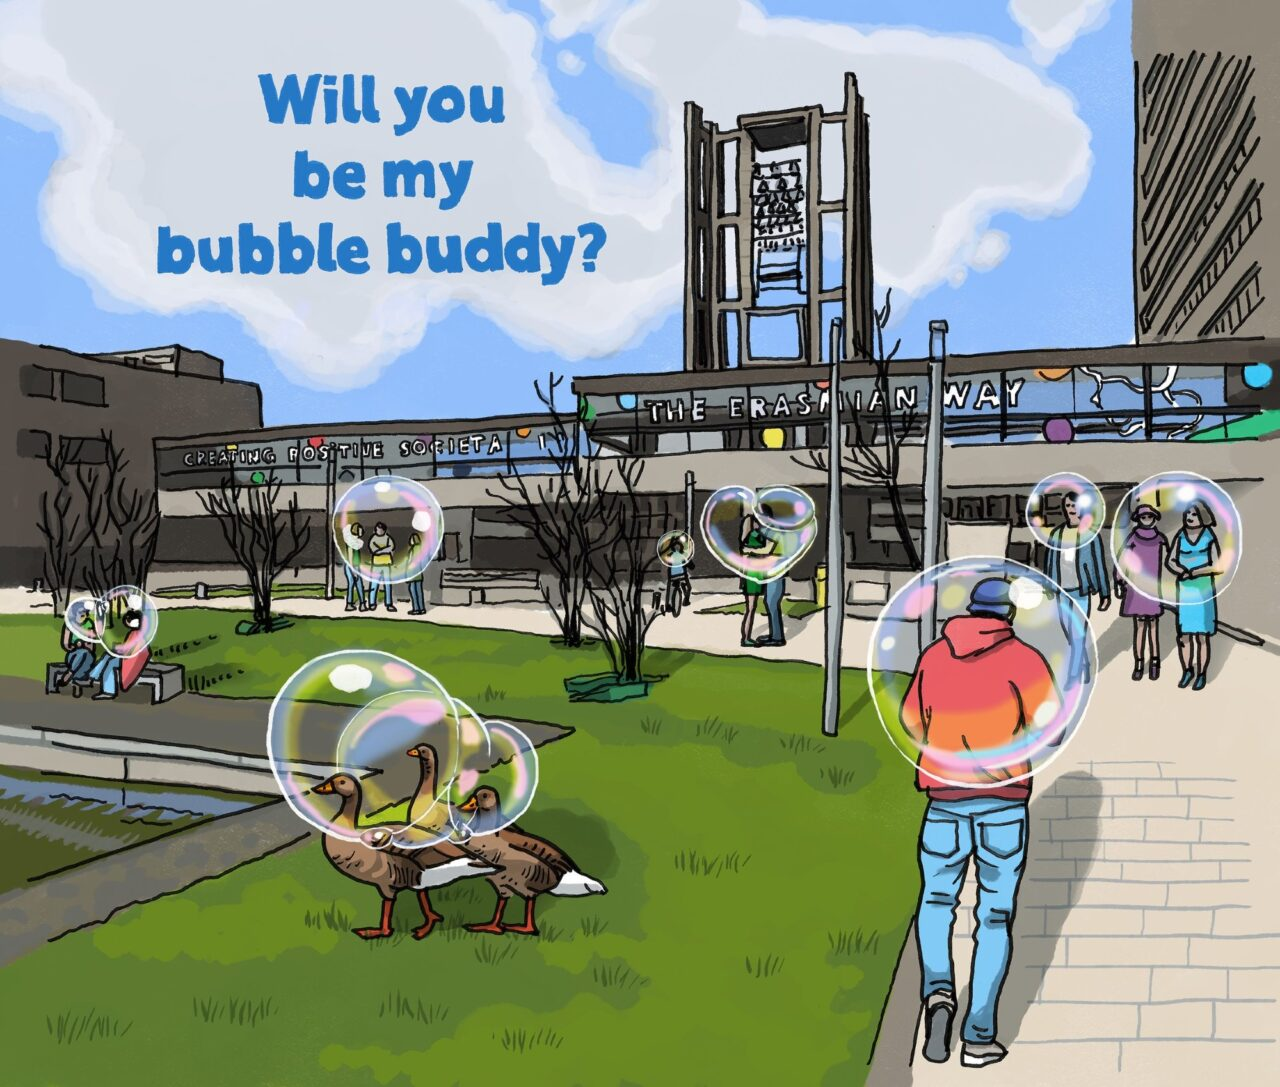 will you be my bubble buddy ikrotterdam (EM)